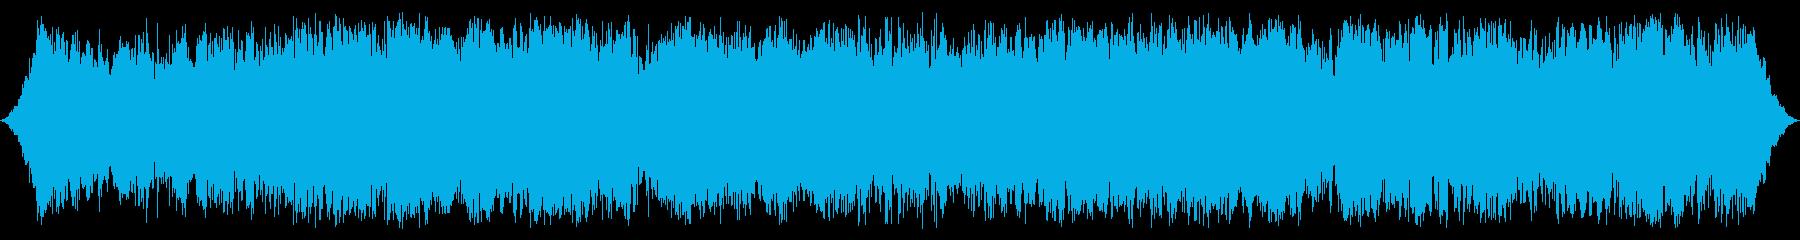 温泉:強い泡立ちとスプレーリリース...の再生済みの波形